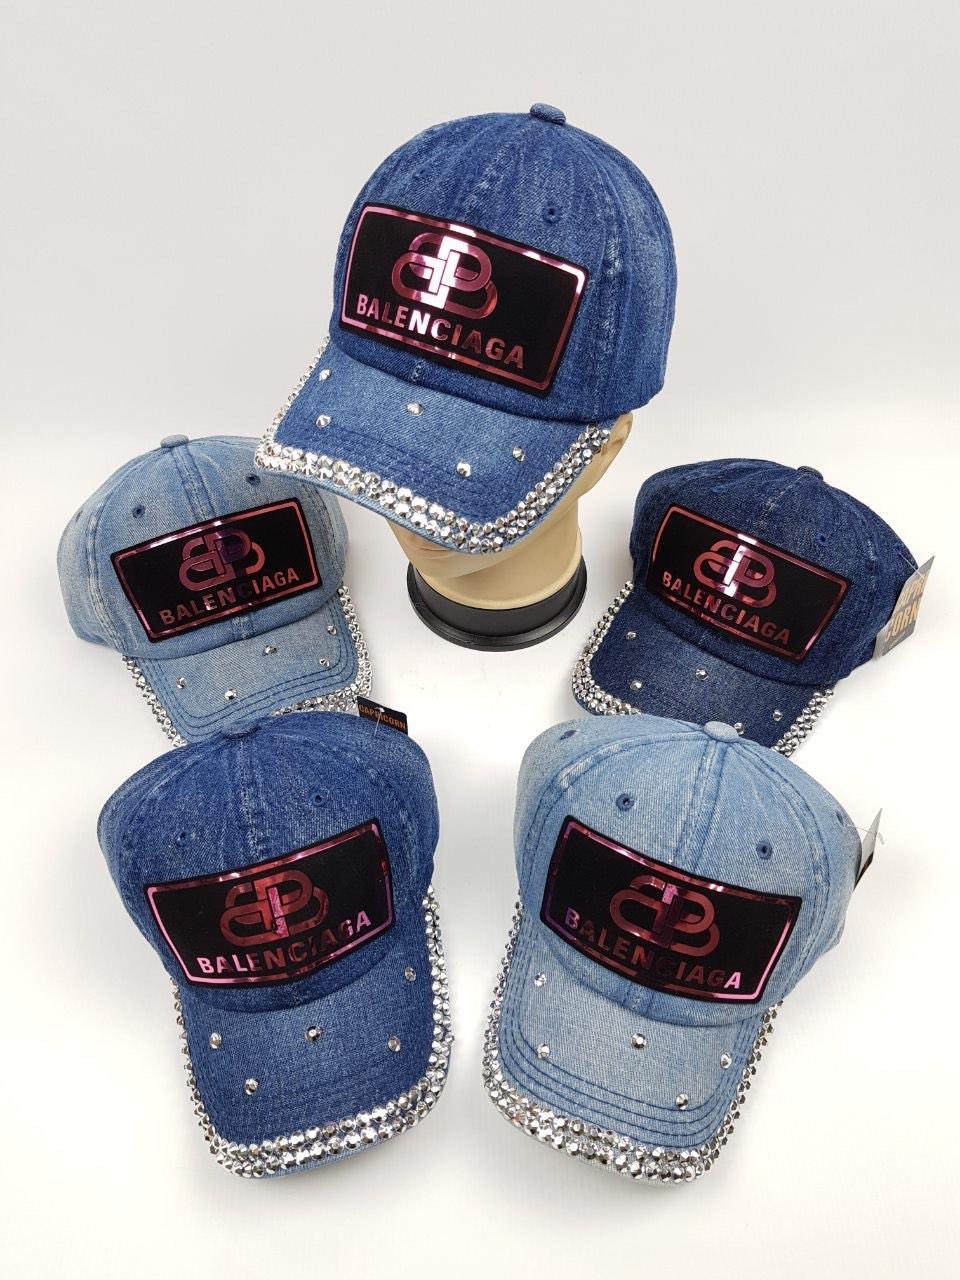 Детские джинсовые кепки Balenciaga для девочек оптом, р.54